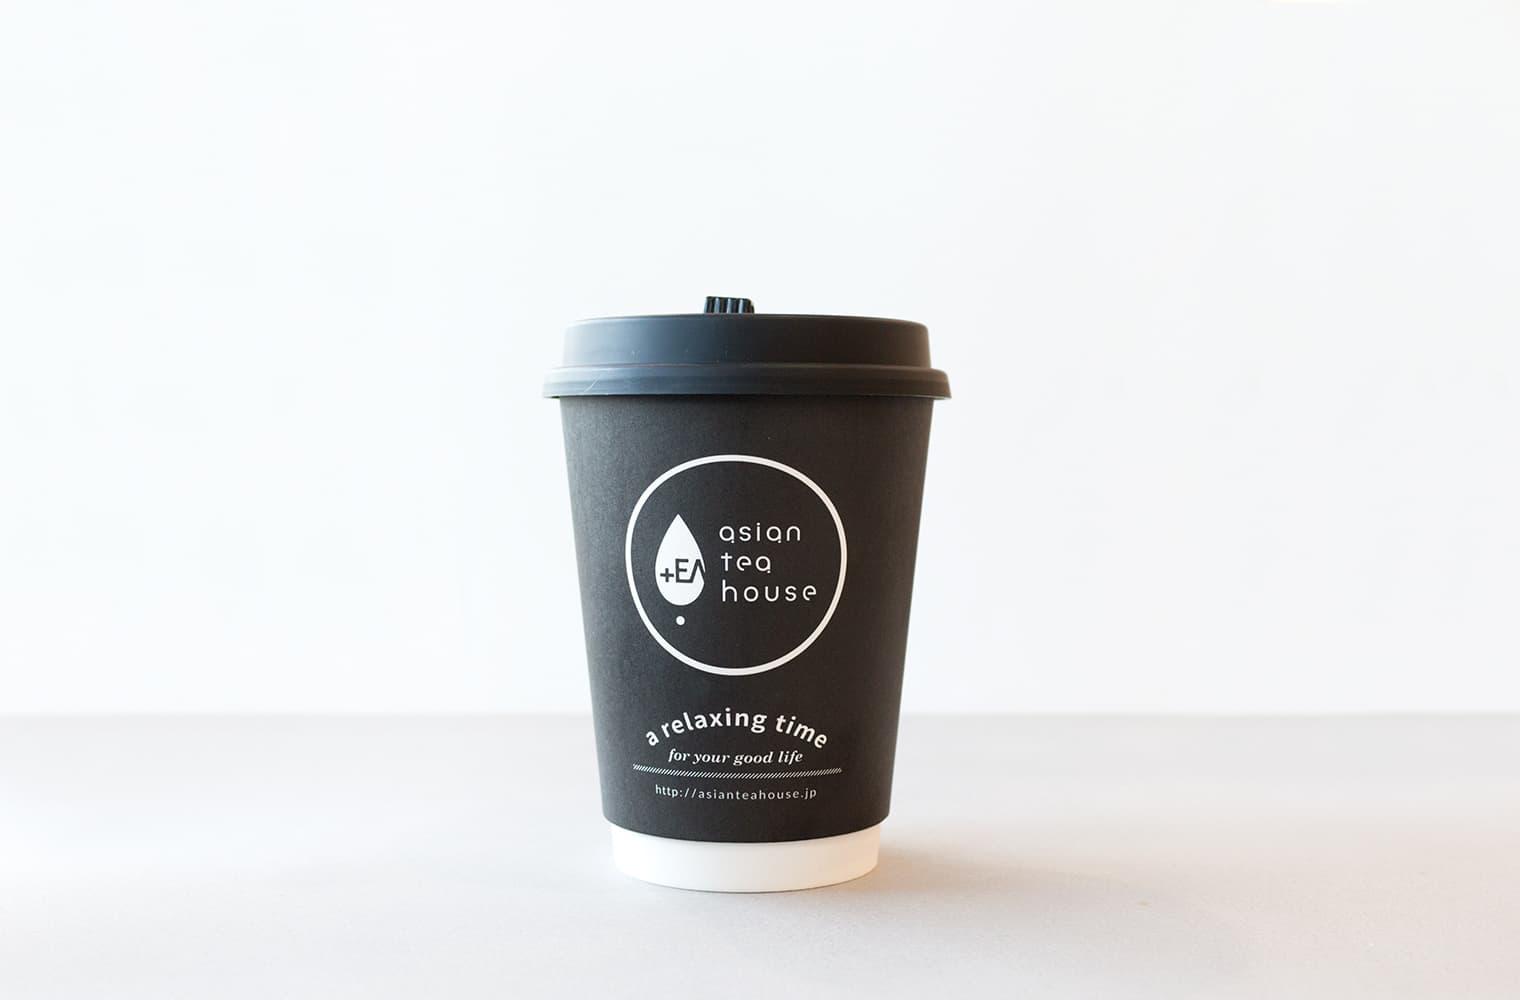 2 1 - ตัวอย่างป้ายเมนูเครื่องดื่มกาแฟ เมนูอาหารดีไซน์สไตล์ญี่ปุ่น